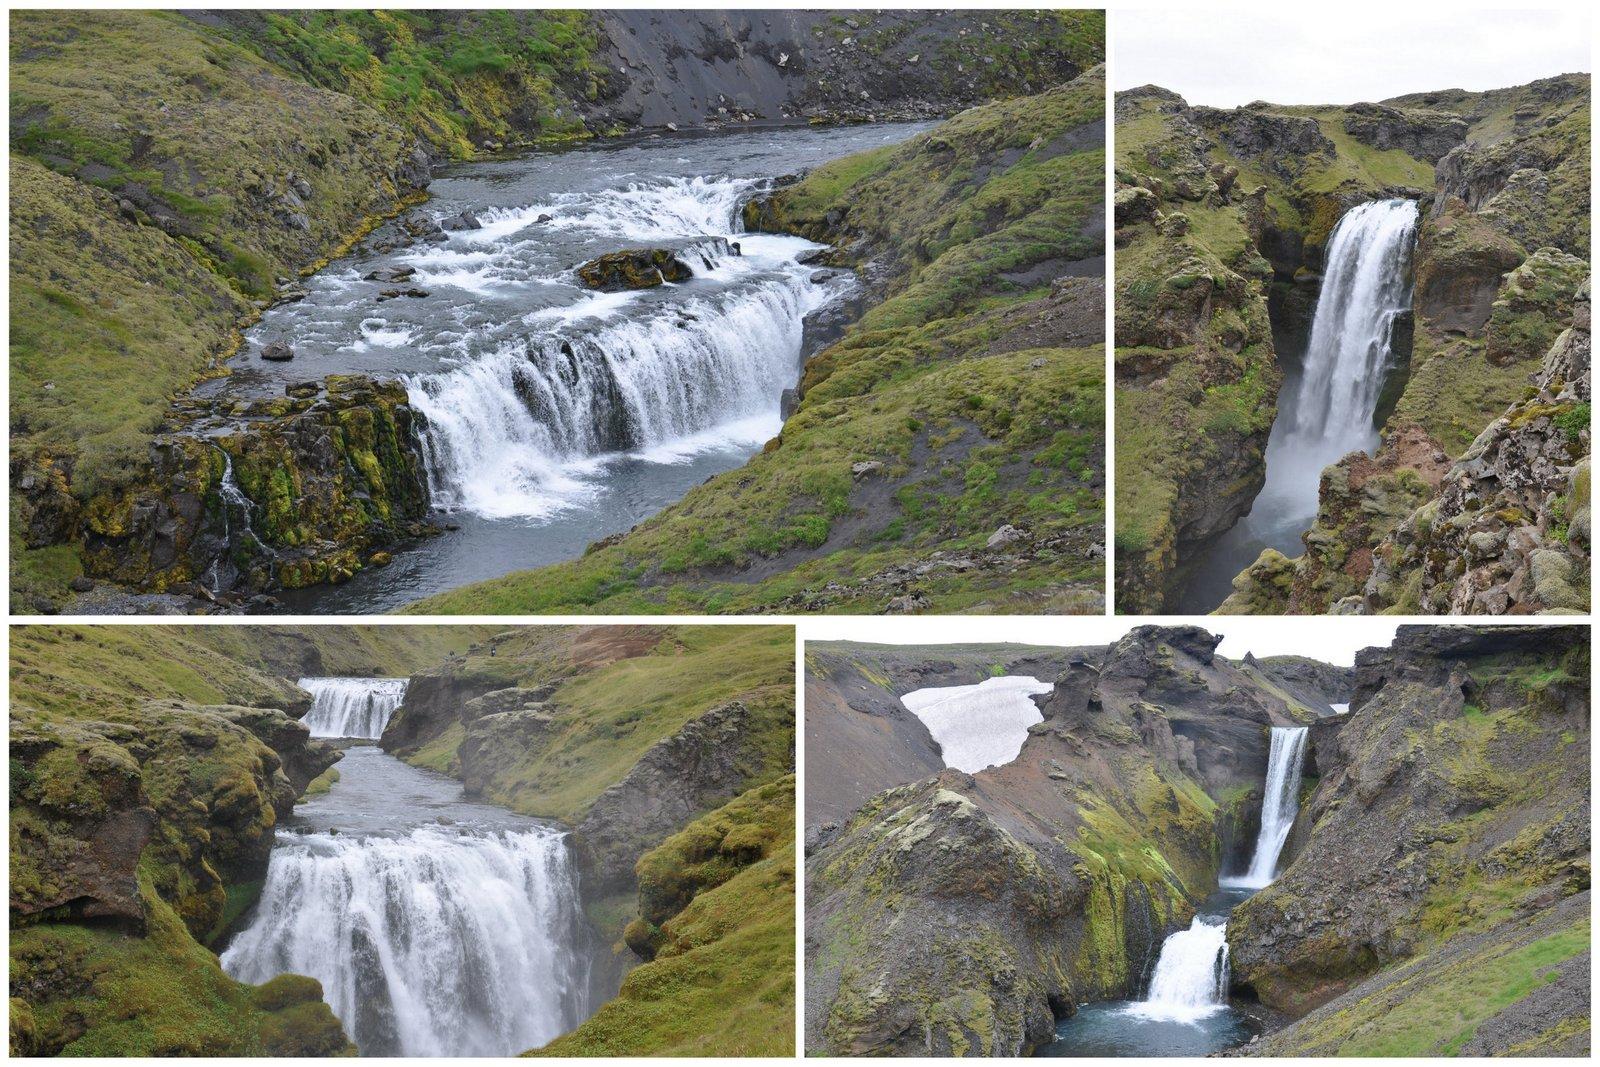 Las cascadas que se pueden descubrir en la ruta de senderismo después de Skogafoss